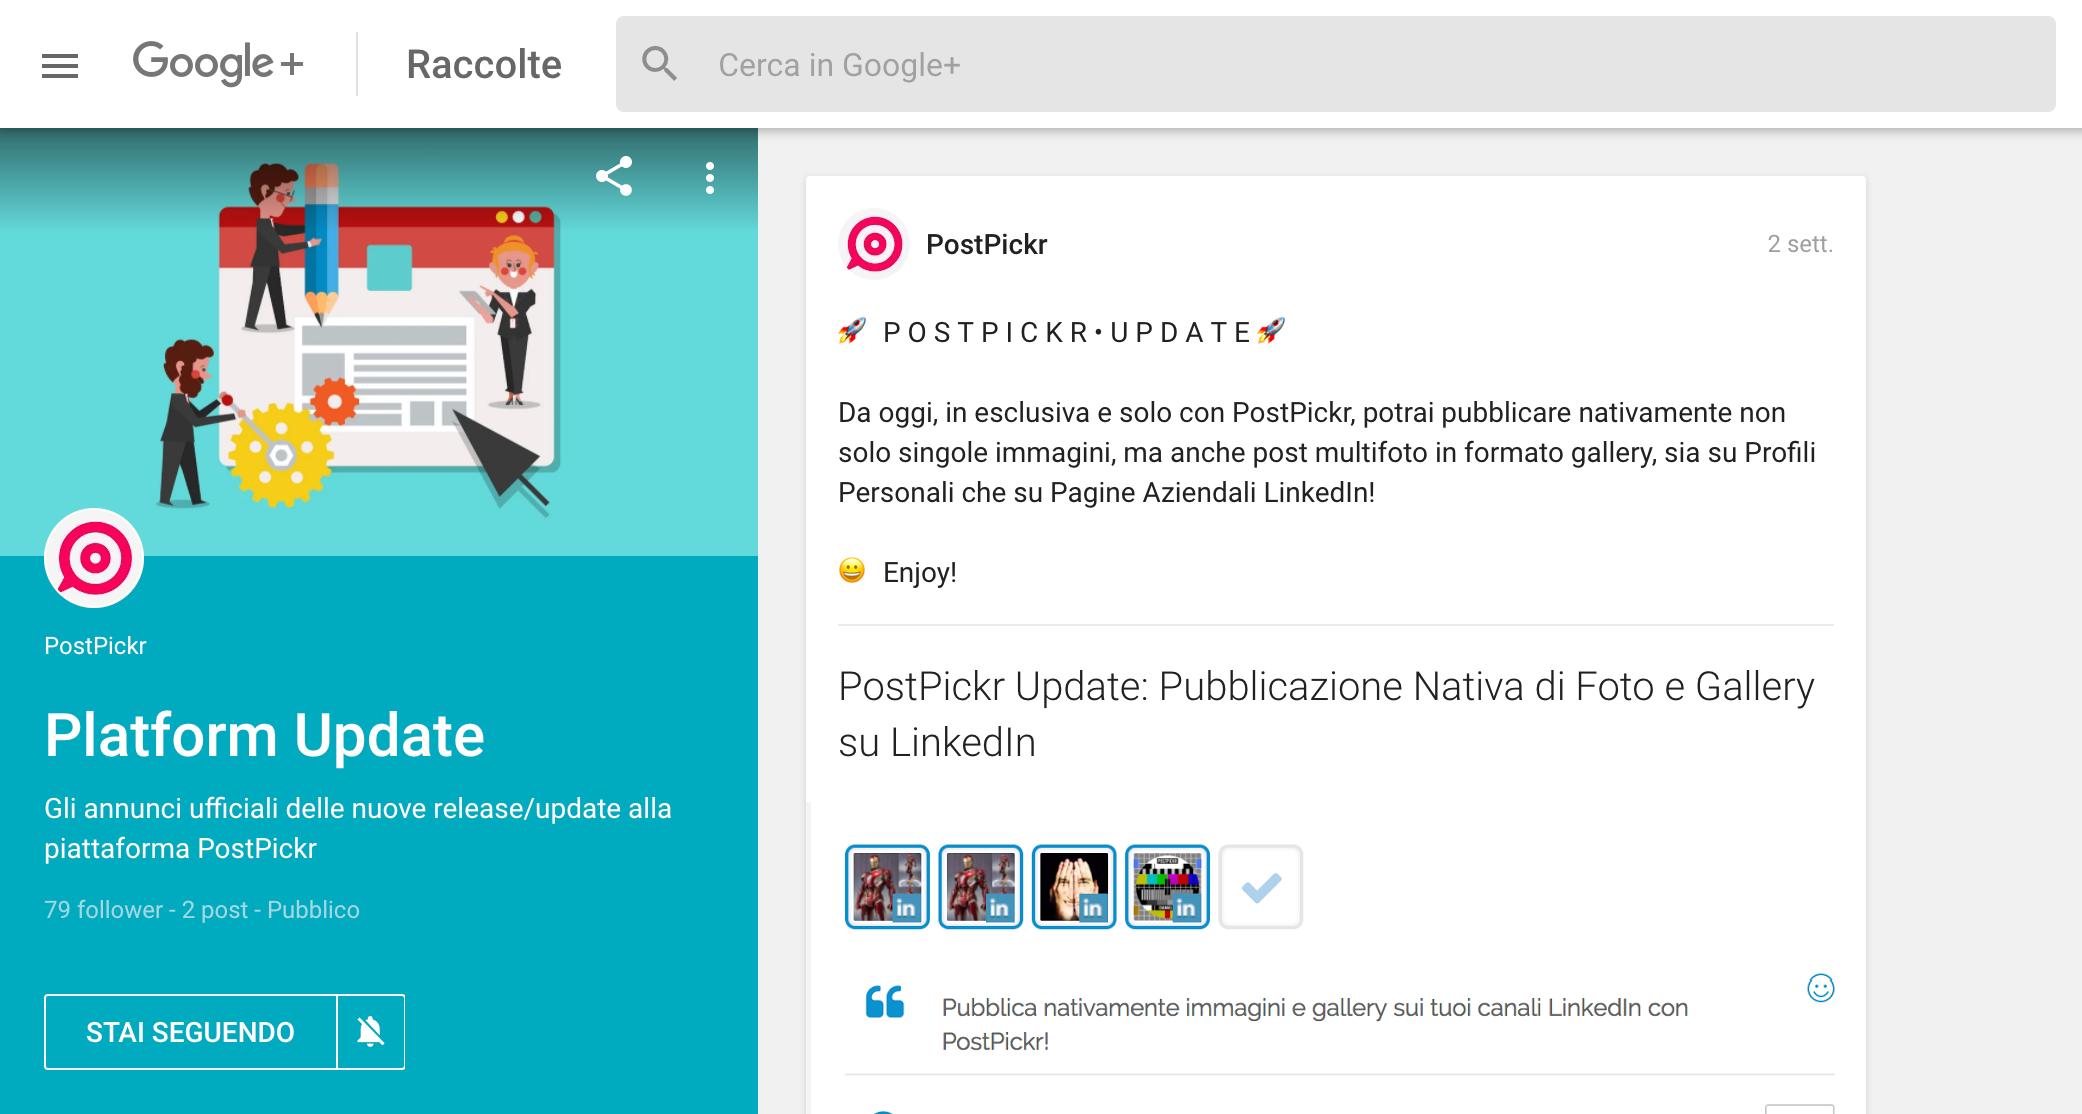 Pubblicare su Profili e Pagine Google+: esempio di Raccolta